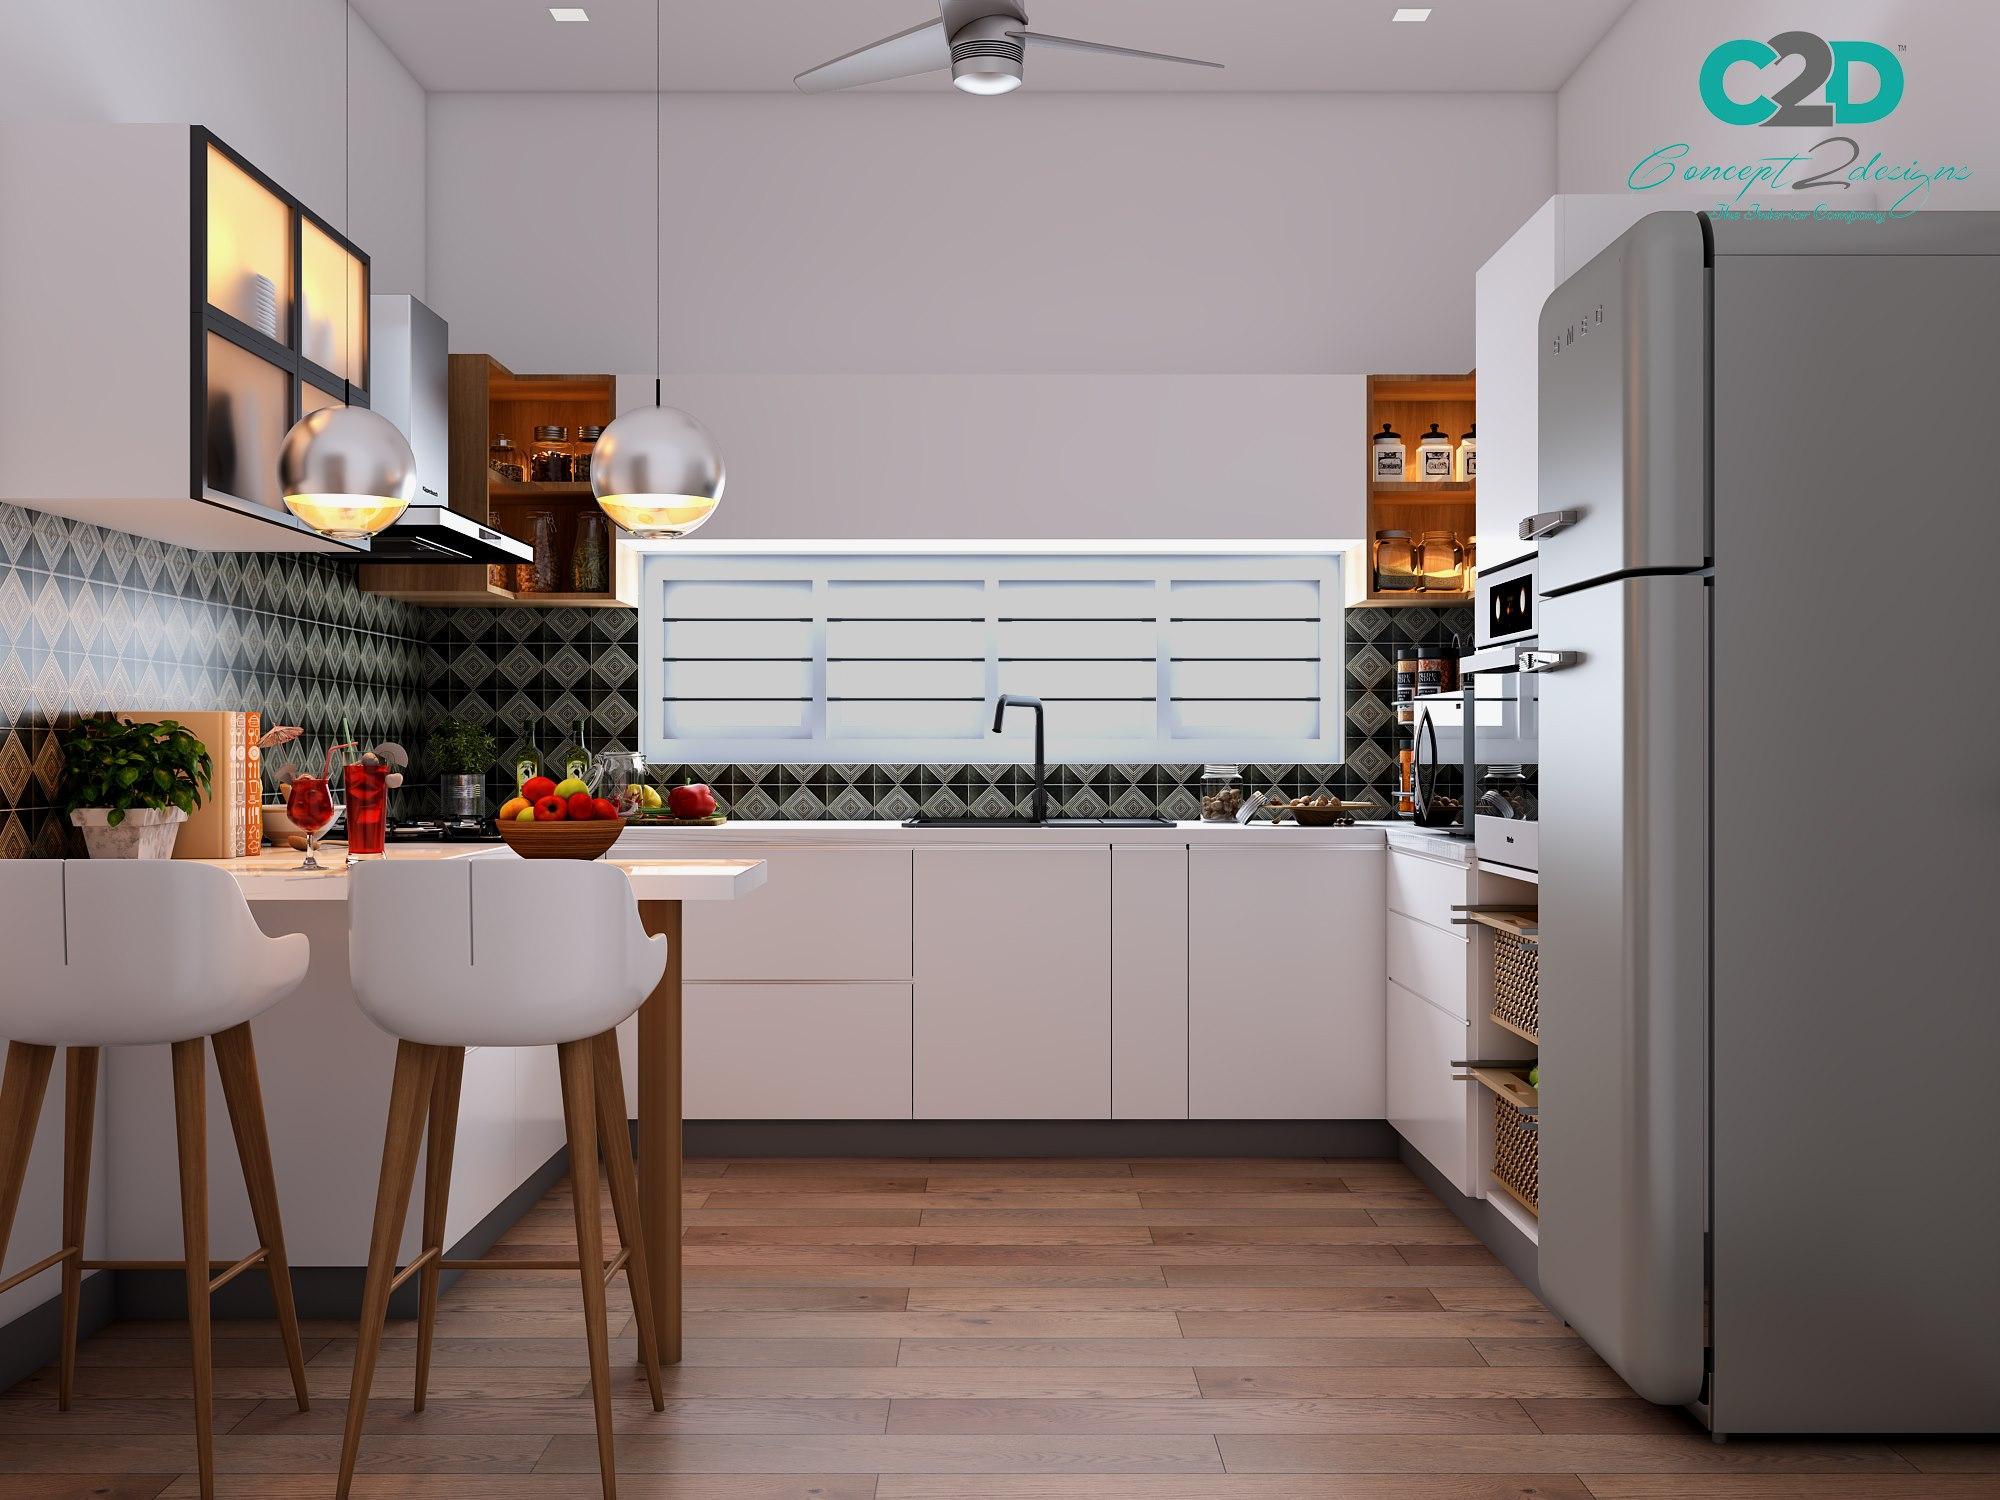 kitchen woodwork - Interior Designers in Bangalore